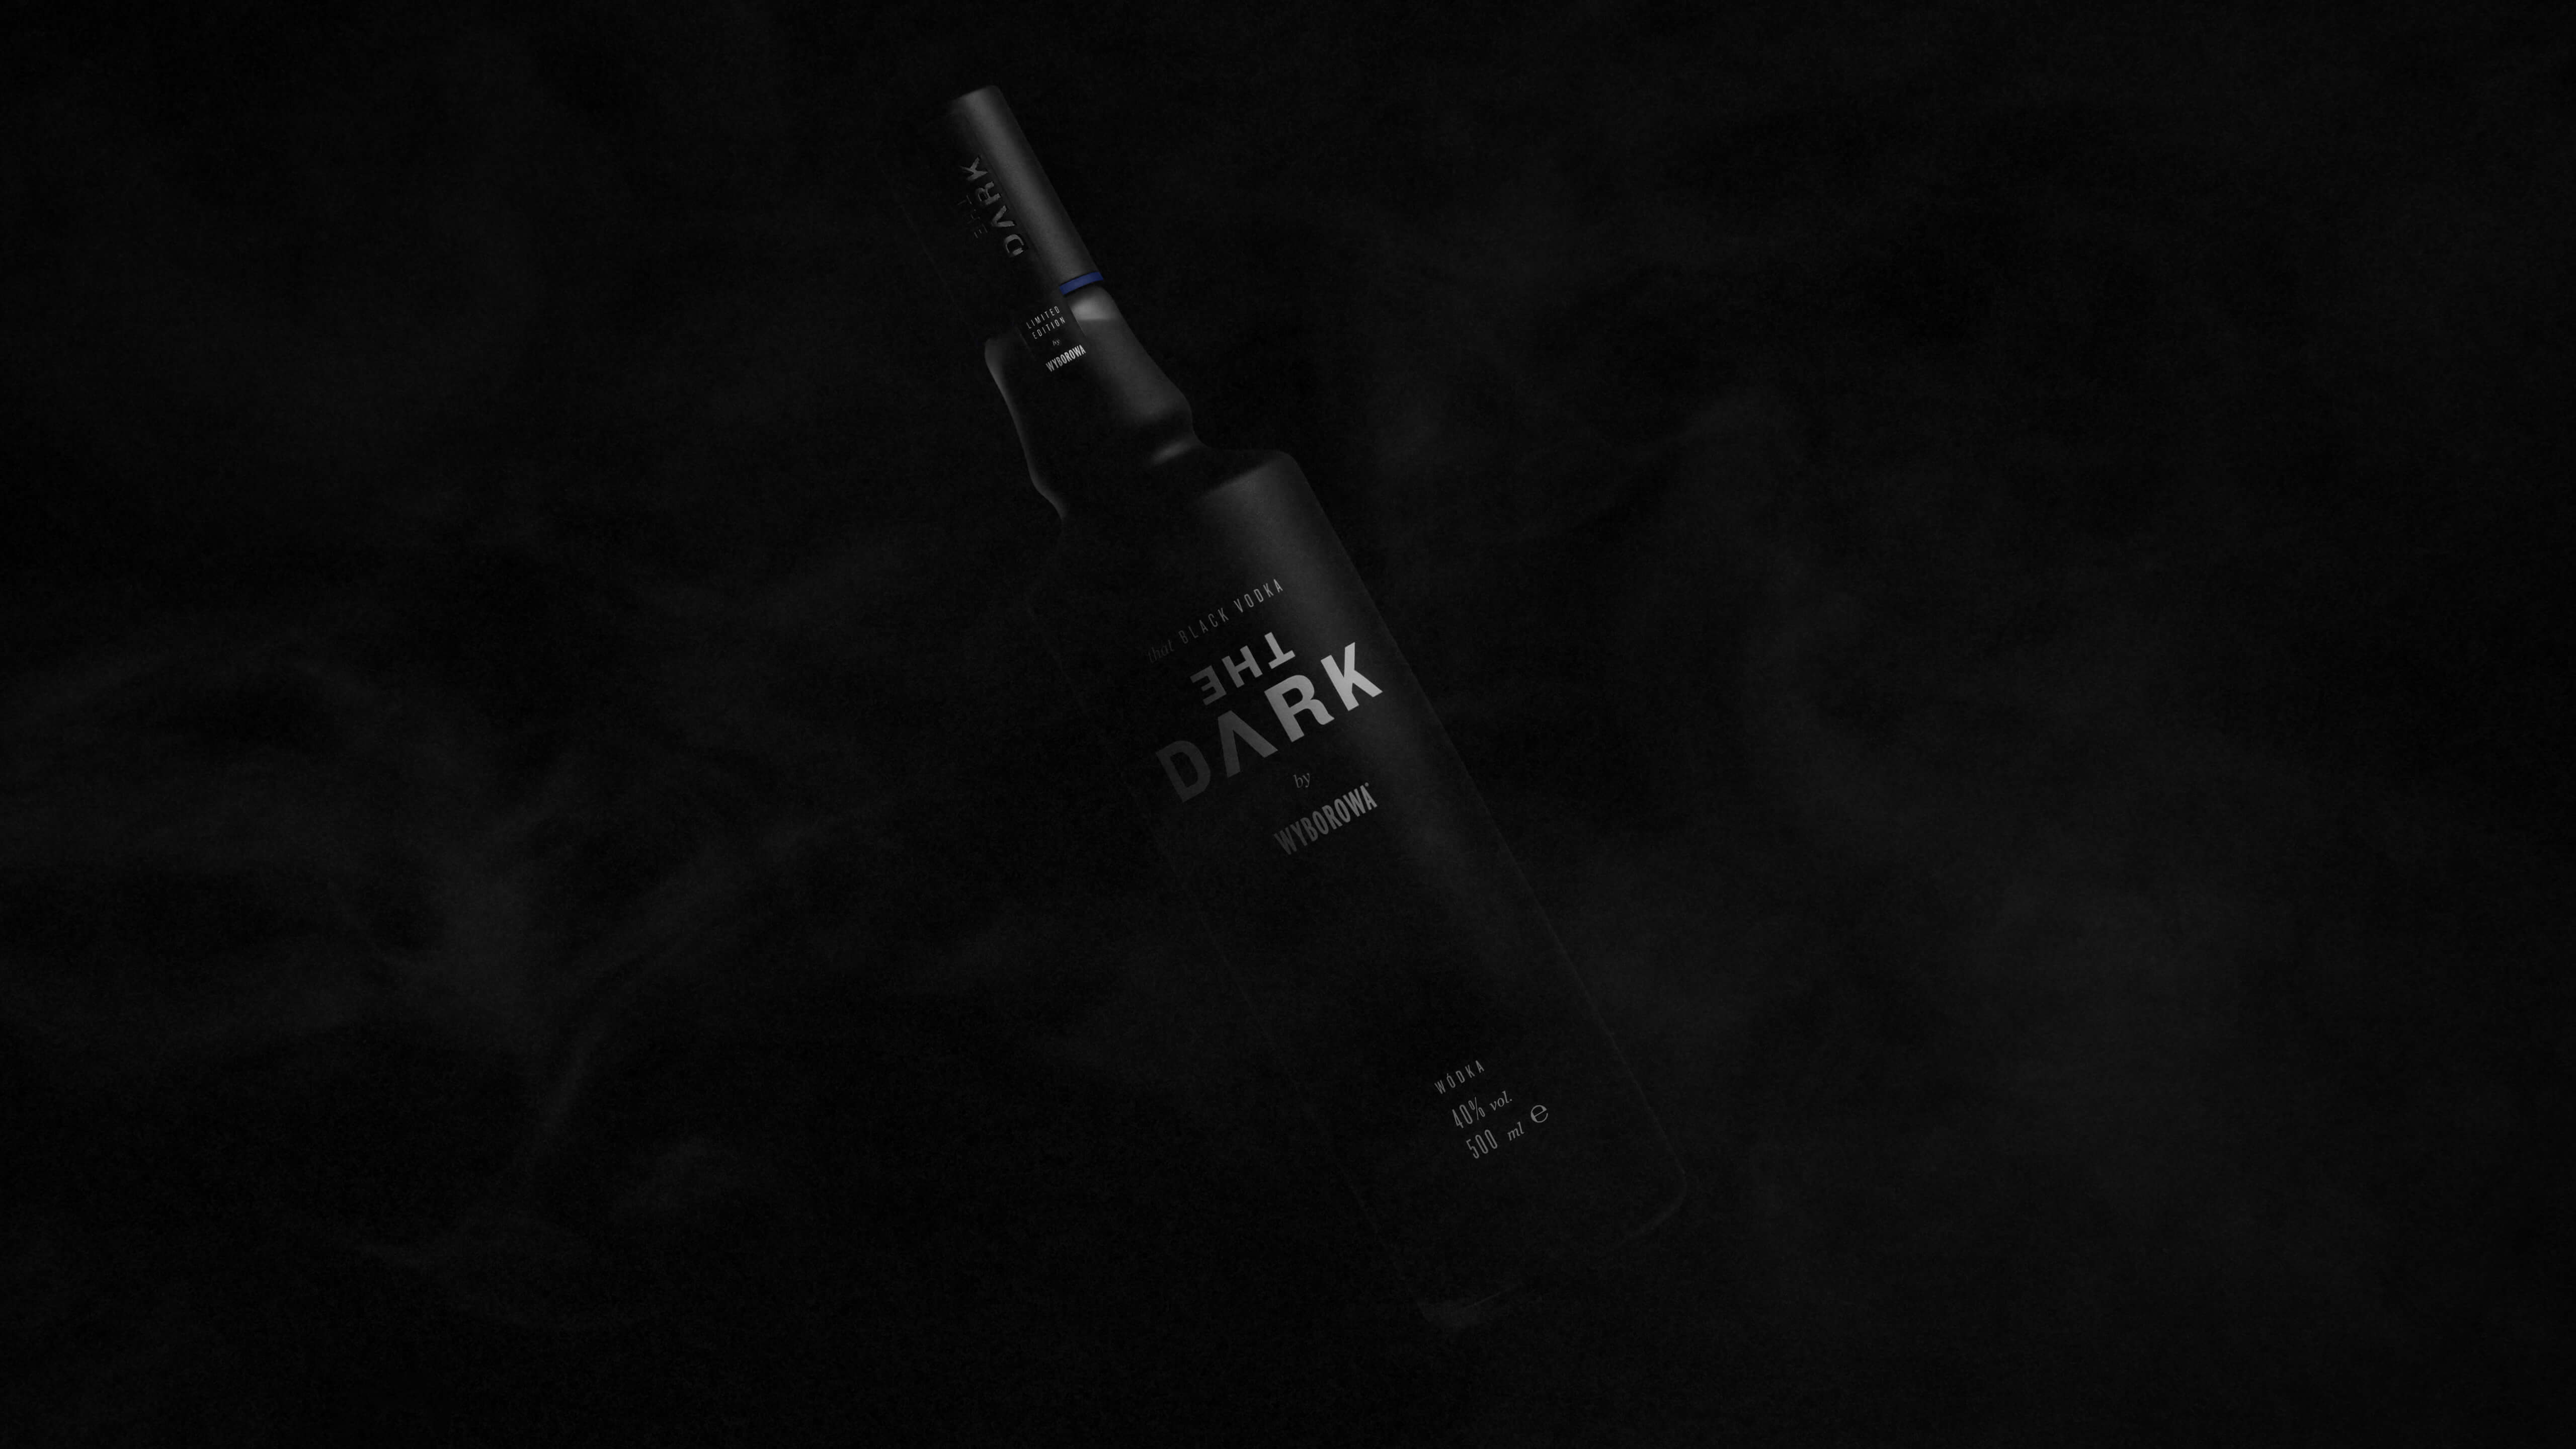 Wyborowa The Dark